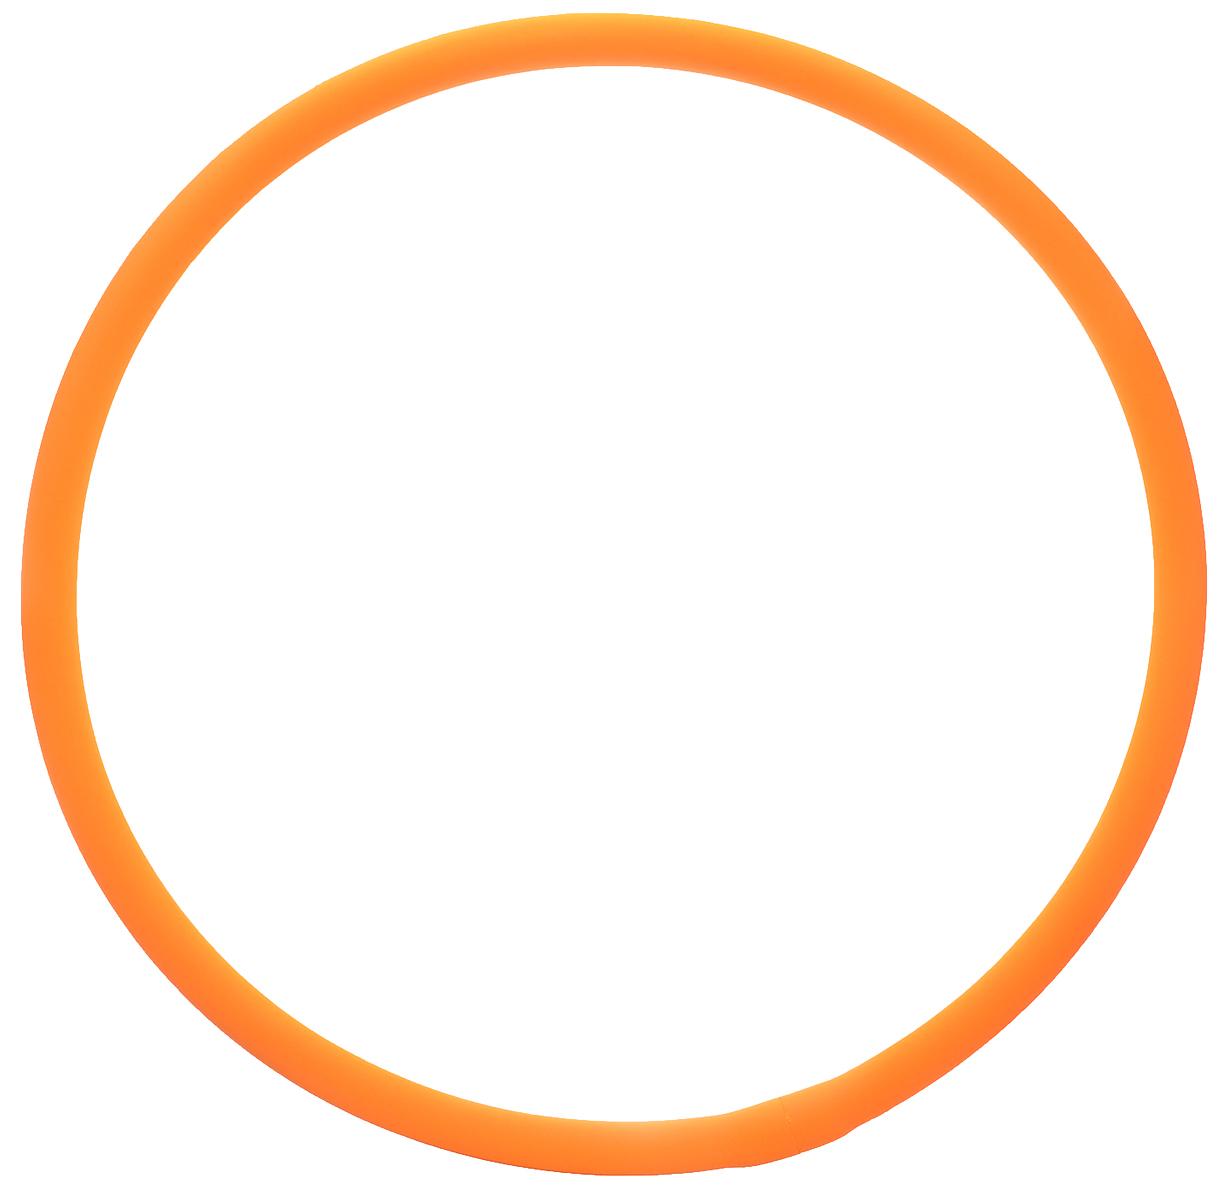 Safsof Хулахуп цвет оранжевыйCHL-23(P)_оранжевыйХулахуп Safsof понравится всем девочкам, ведь его так весело крутить. При этом поддерживается хорошая физическая форма, развивается координация движений, гибкость, чувство ритма и артистичность. Хулахуп изготовлен из прочного пластика с отделкой из мягкой вспененной резины. С ним можно играть как в помещении, так и на улице.